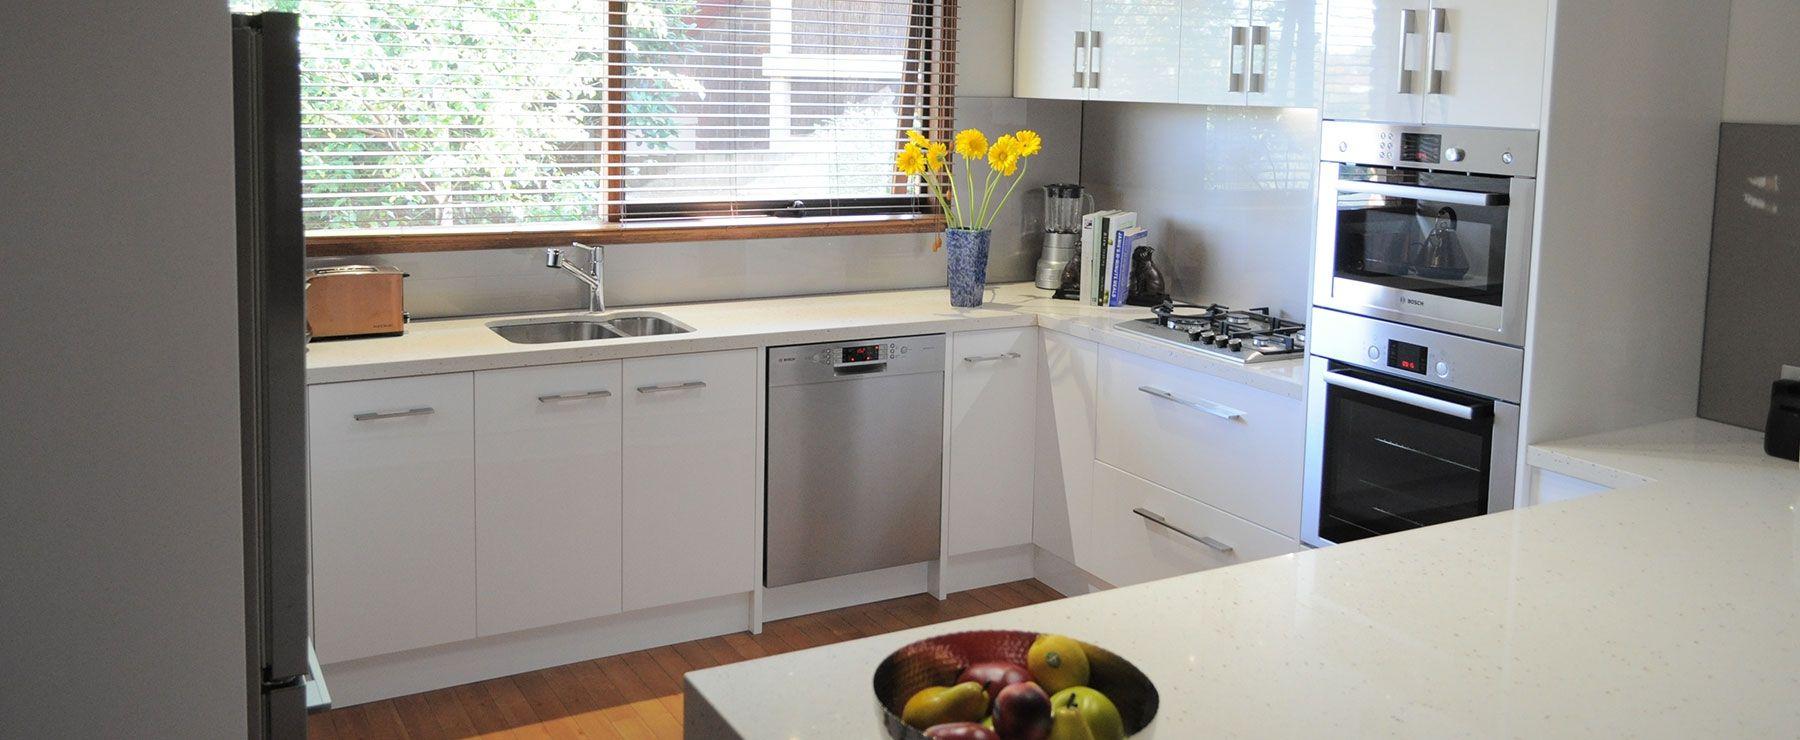 Gemütlich Kit Küchen Sydney Fotos - Küche Set Ideen - deriherusweets ...